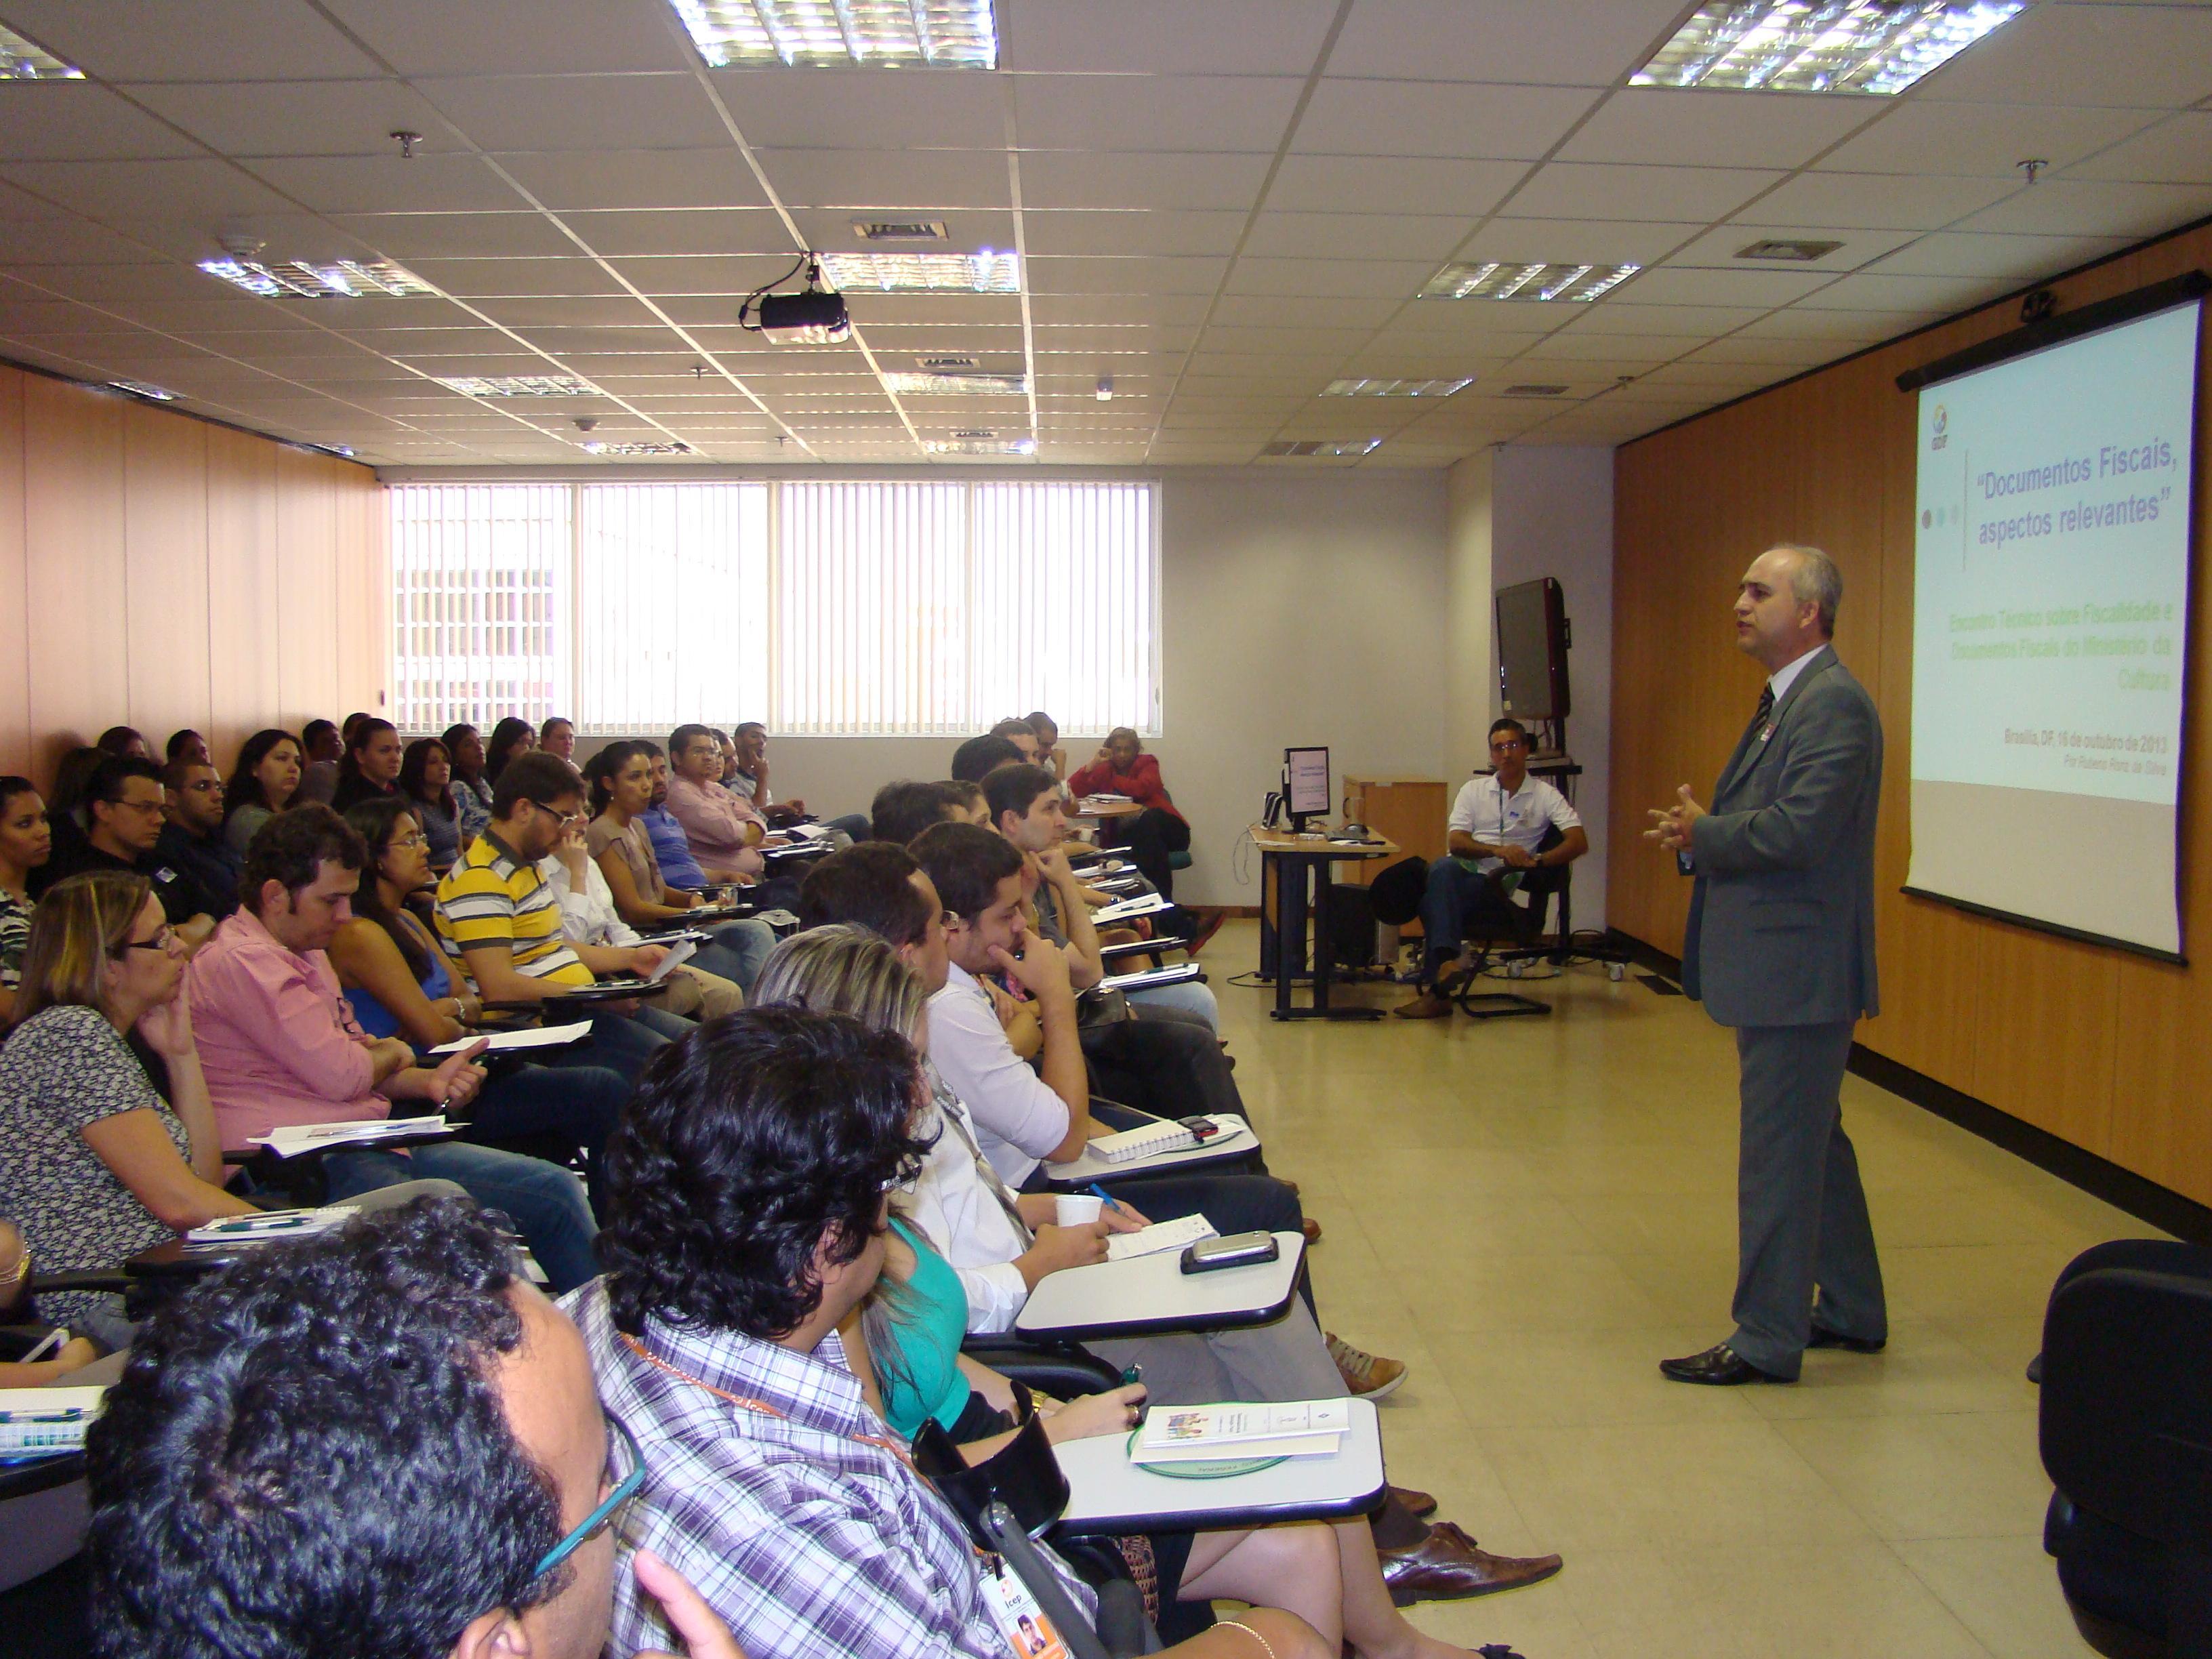 Universidade de portas abertas para o Fisco